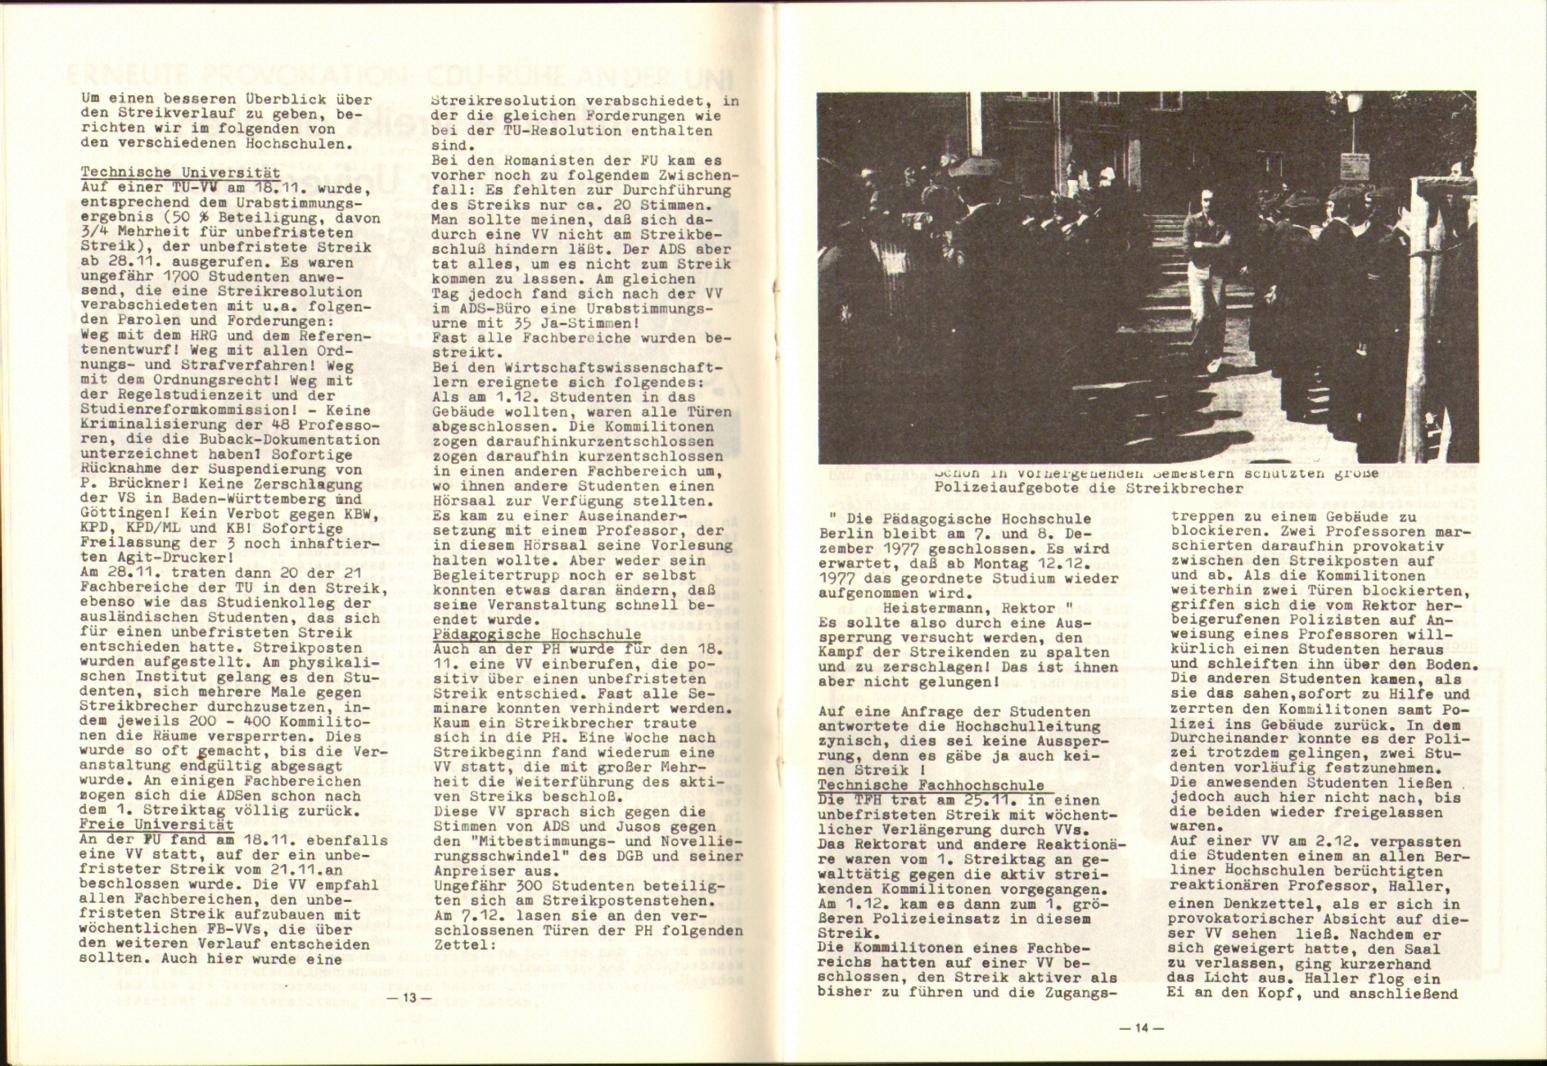 KSBML_1978_Streikdokumentation_WS_77_78_08